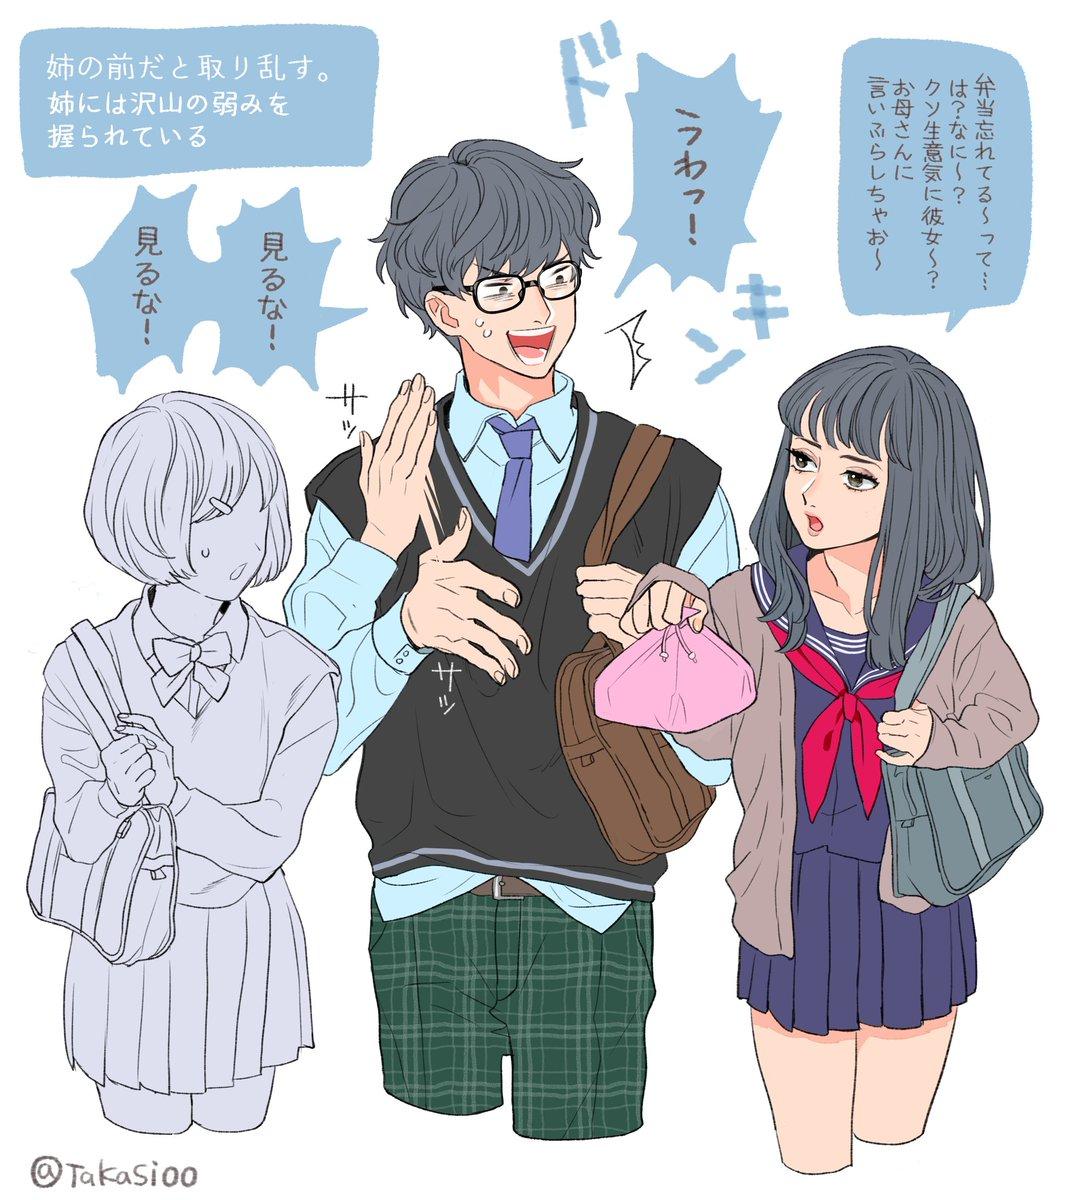 たかし♂5月22日1巻発売🎮 on Twit...